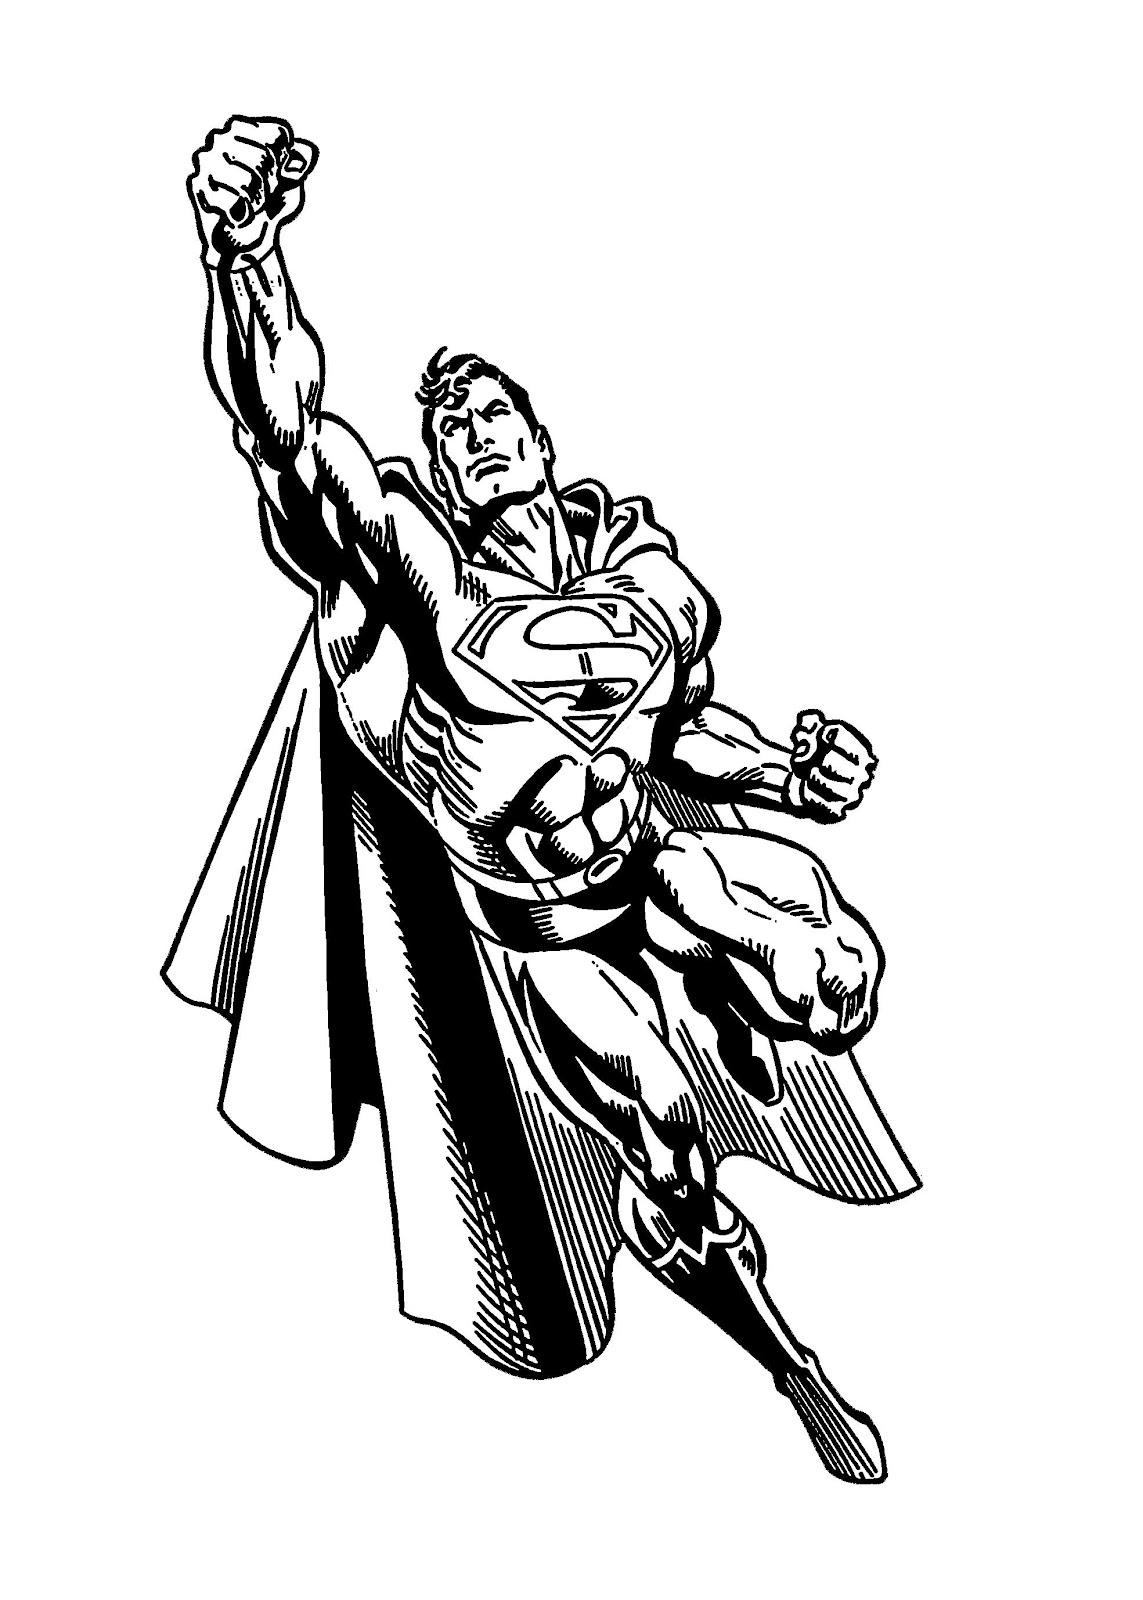 Untuk model dalam tutorial ini saya pilih tokoh superhero terpopuler di dunia Superman dengan pertimbangan warna kostumnya adalah warna warna dasar